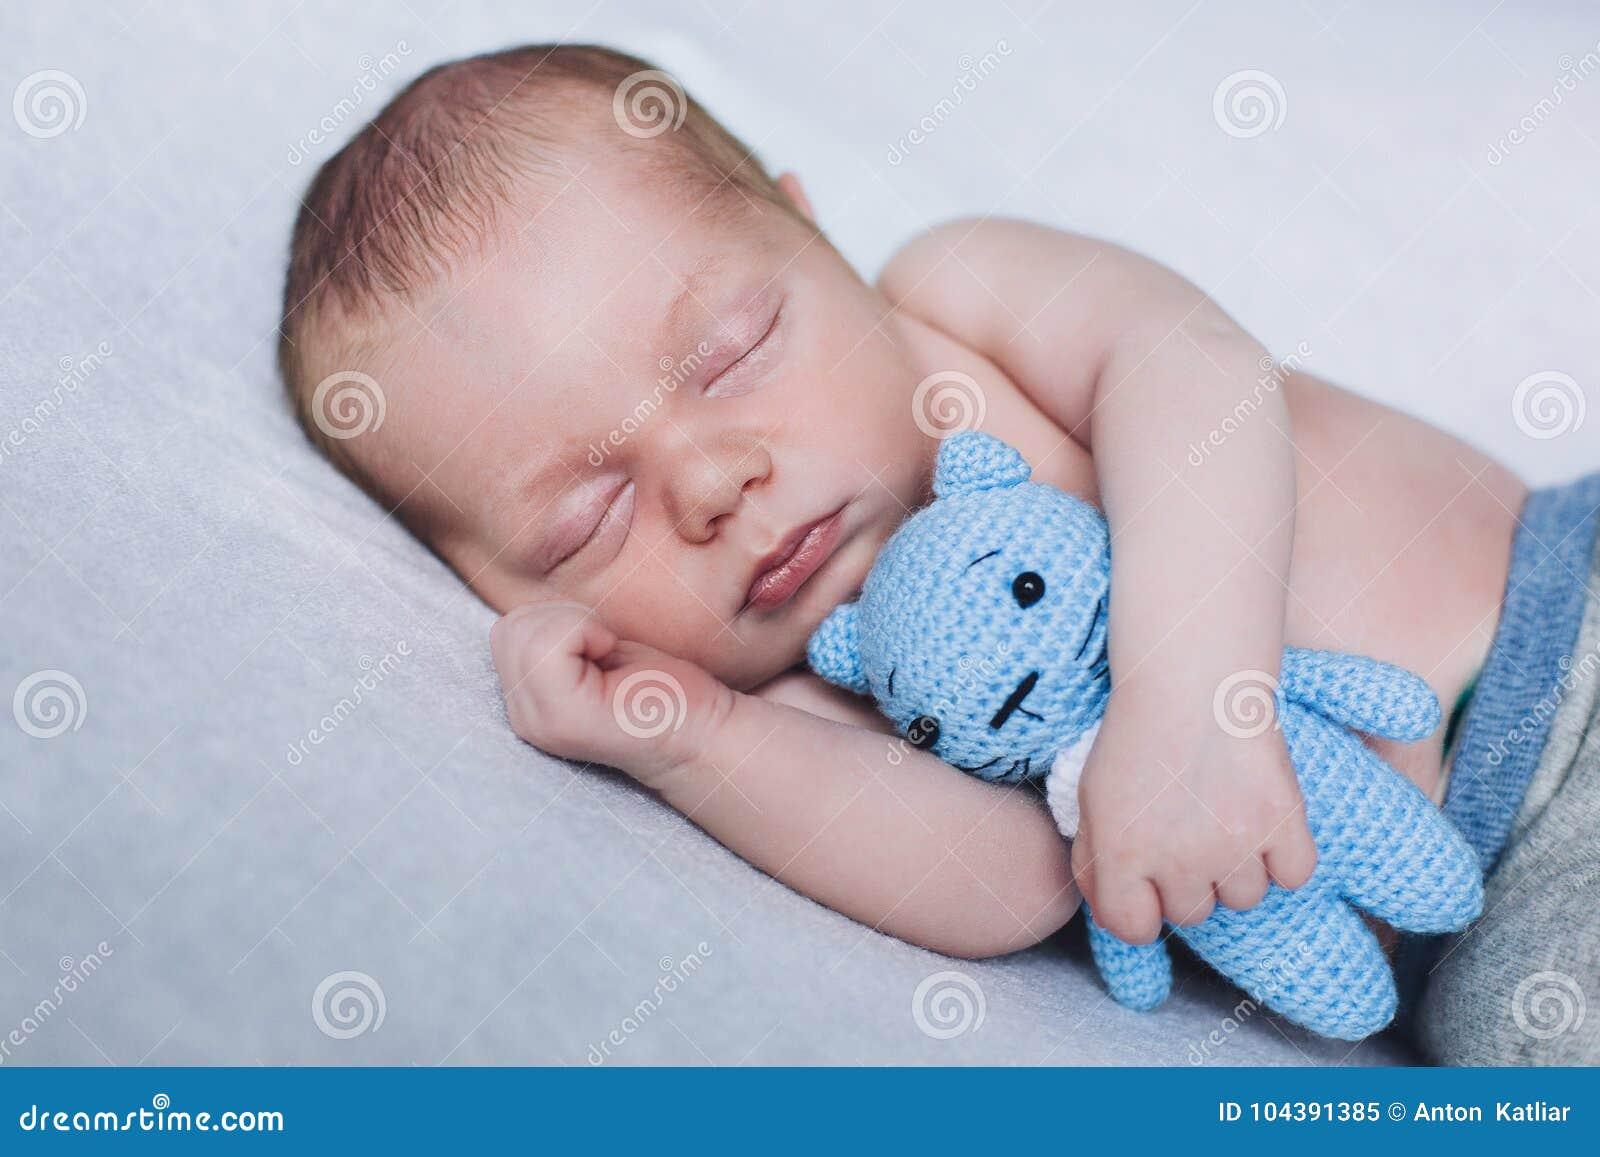 El niño recién nacido está durmiendo, los sueños dulces del pequeño bebé, sueño sano, recién nacido